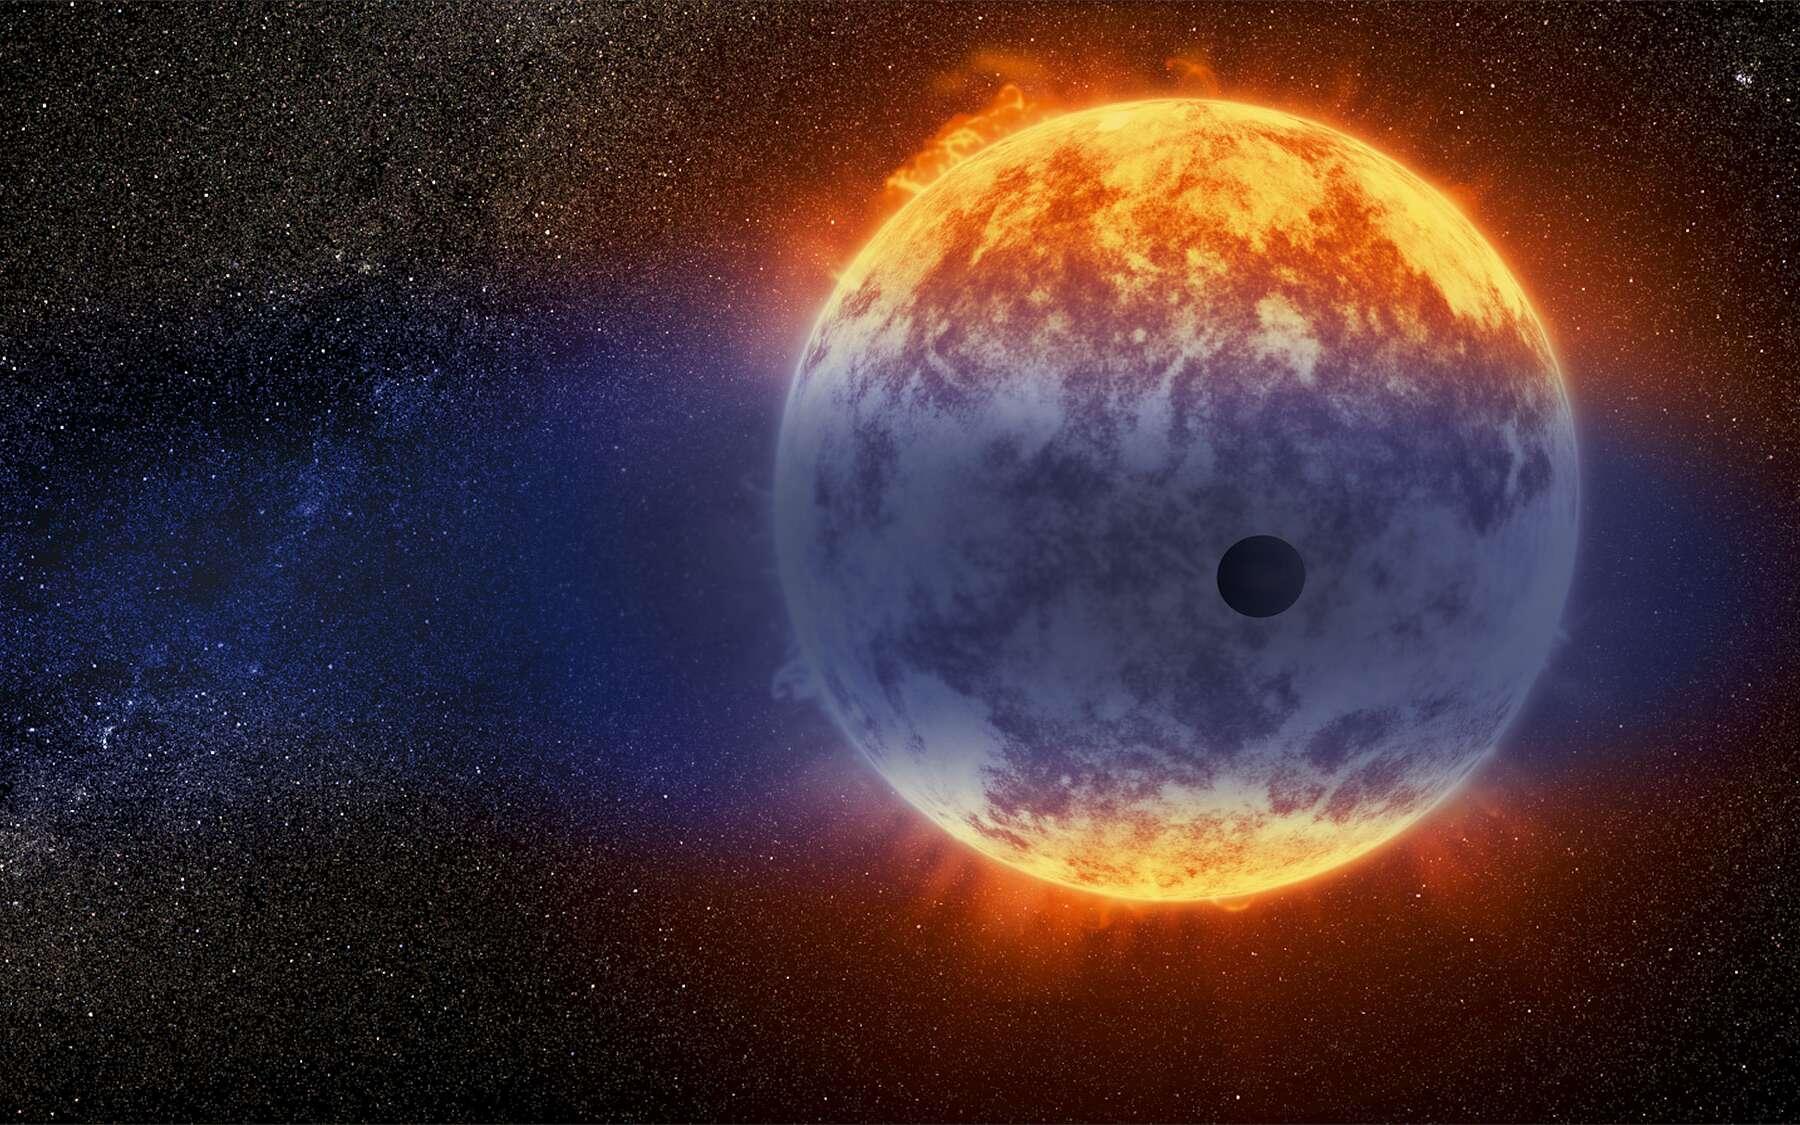 Cette vue d'artiste montre un nuage géant d'hydrogène jaillissant d'une planète chaude de la taille de Neptune, à seulement 97 années-lumière de la Terre. L'exoplanète est minuscule par rapport à son étoile, une naine rouge nommée GJ 3470. Le rayonnement intense de l'étoile réchauffe l'hydrogène présent dans la haute atmosphère de la planète jusqu'à ce qu'il s'échappe dans l'espace. © Nasa, Esa and D. Player (STScI)